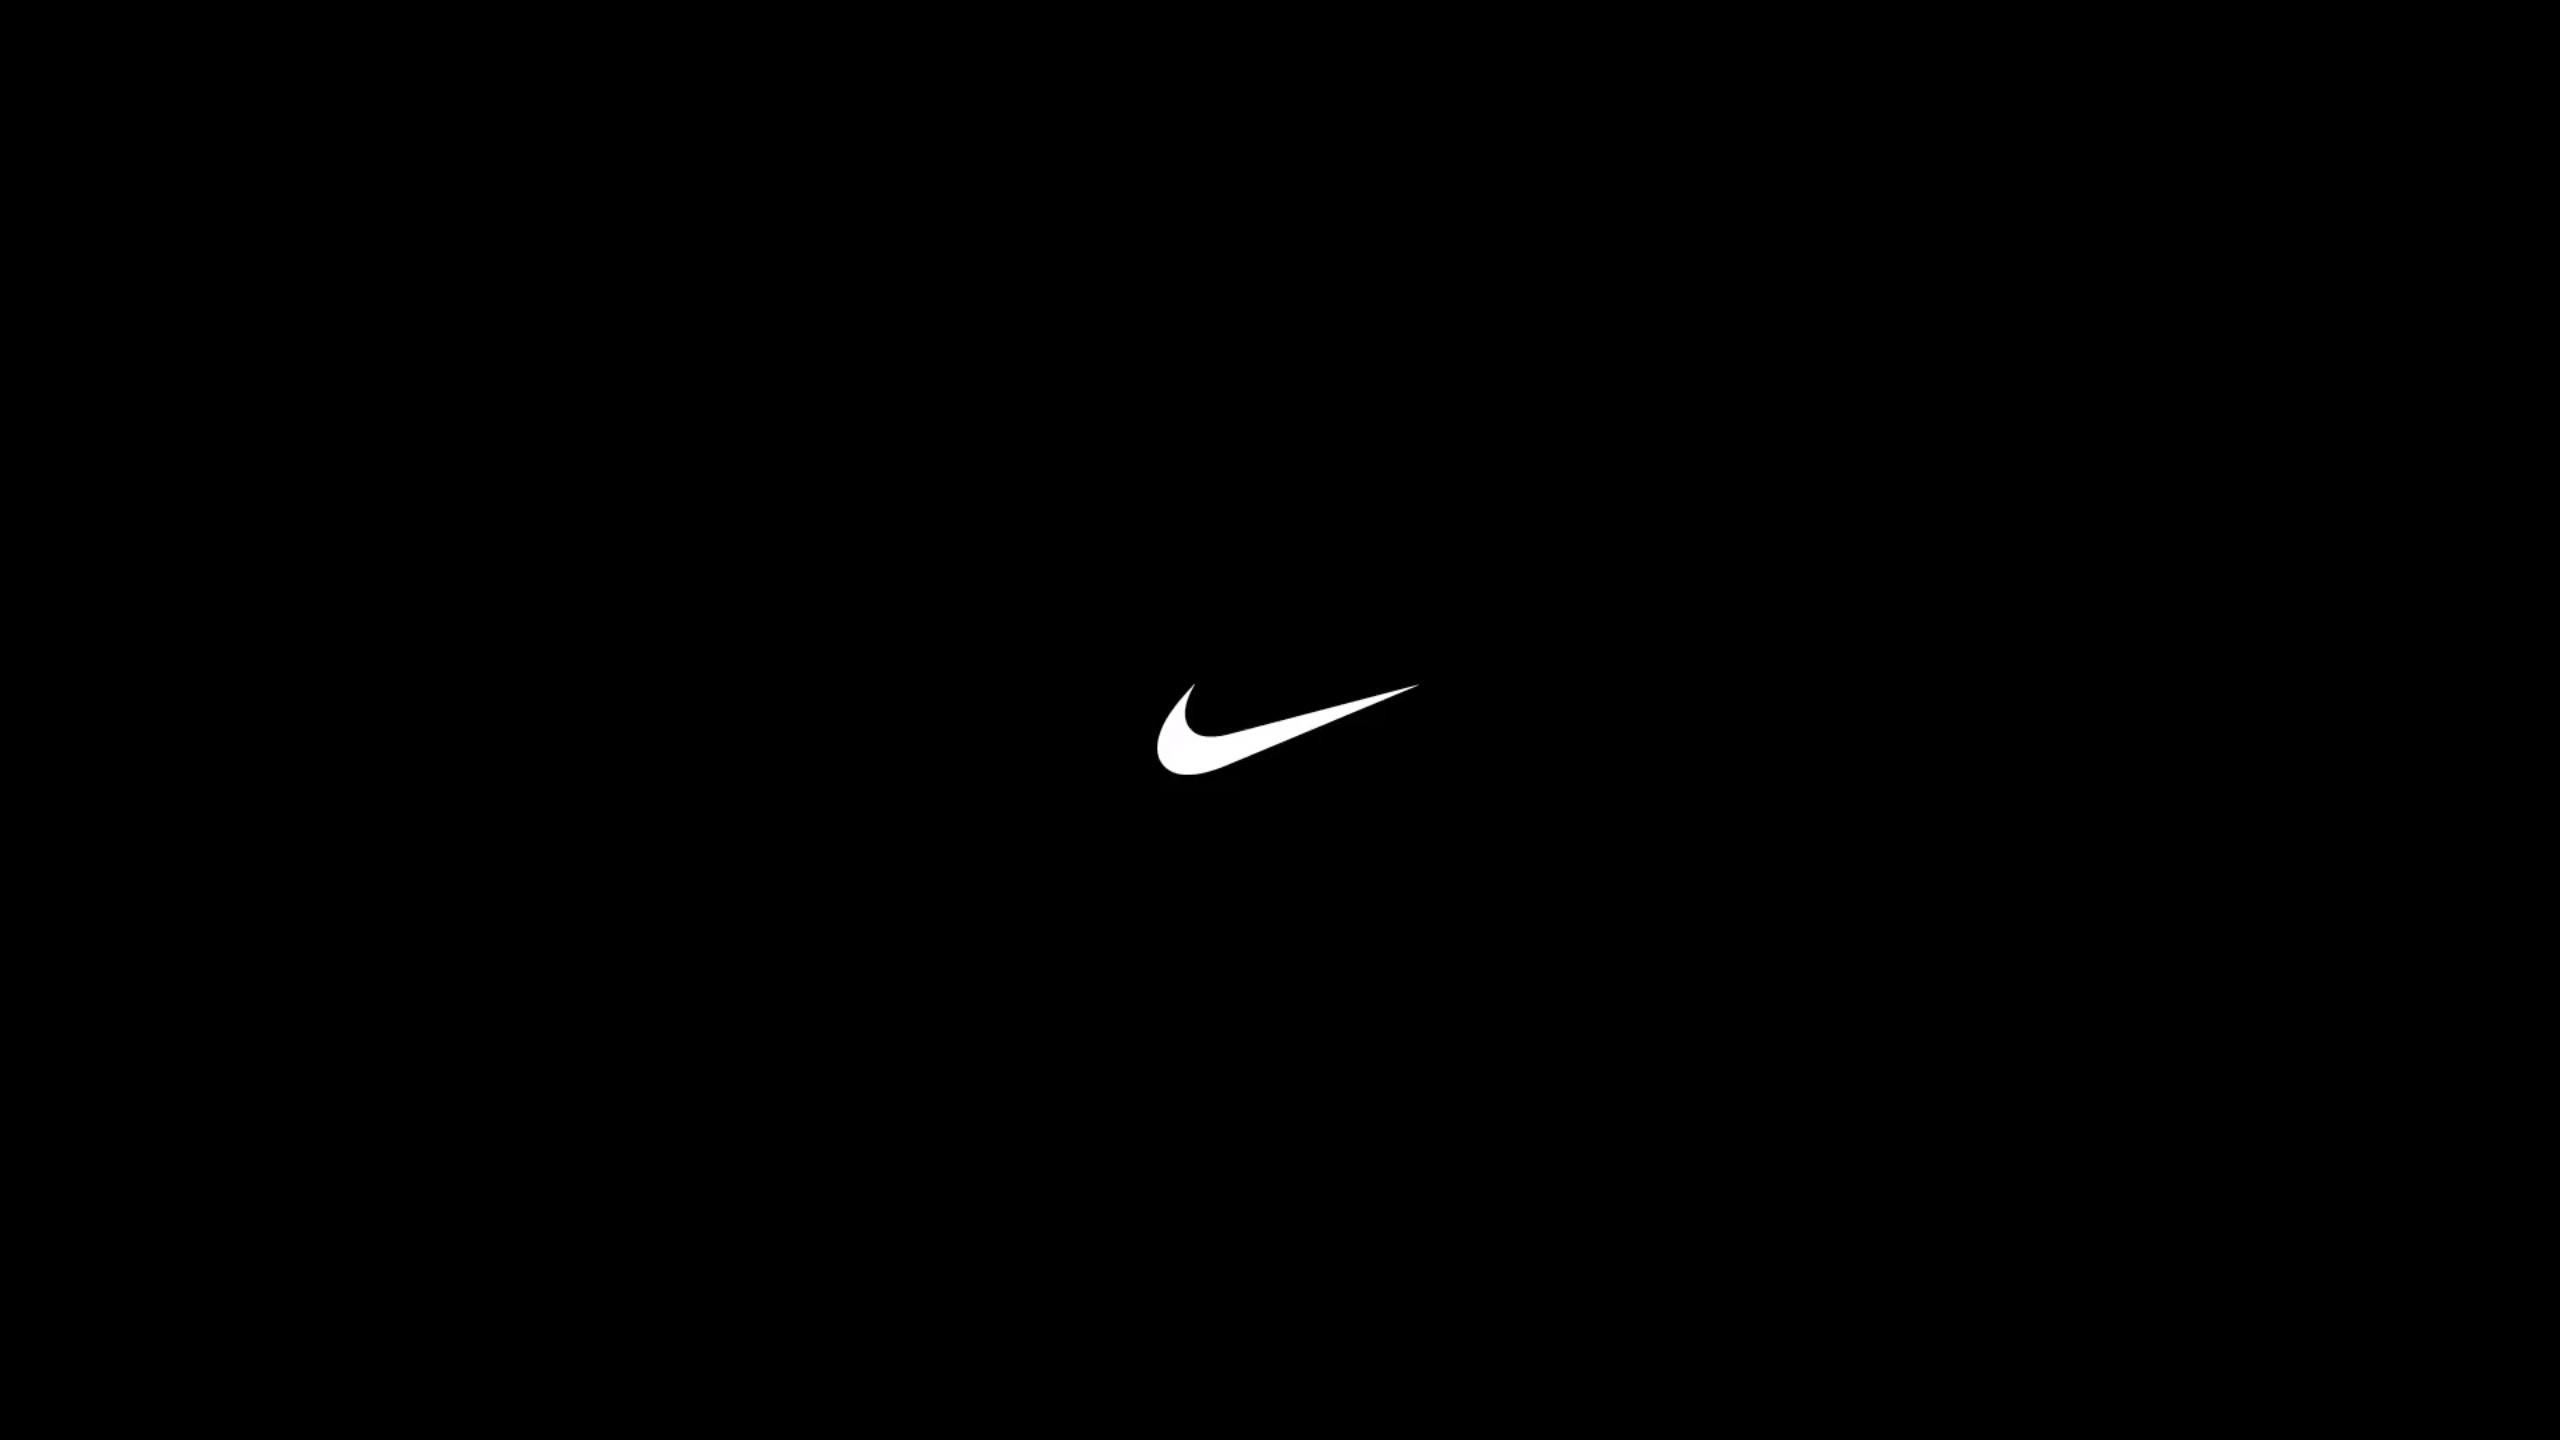 Nike Swoosh Wallpaper Wallpapertag